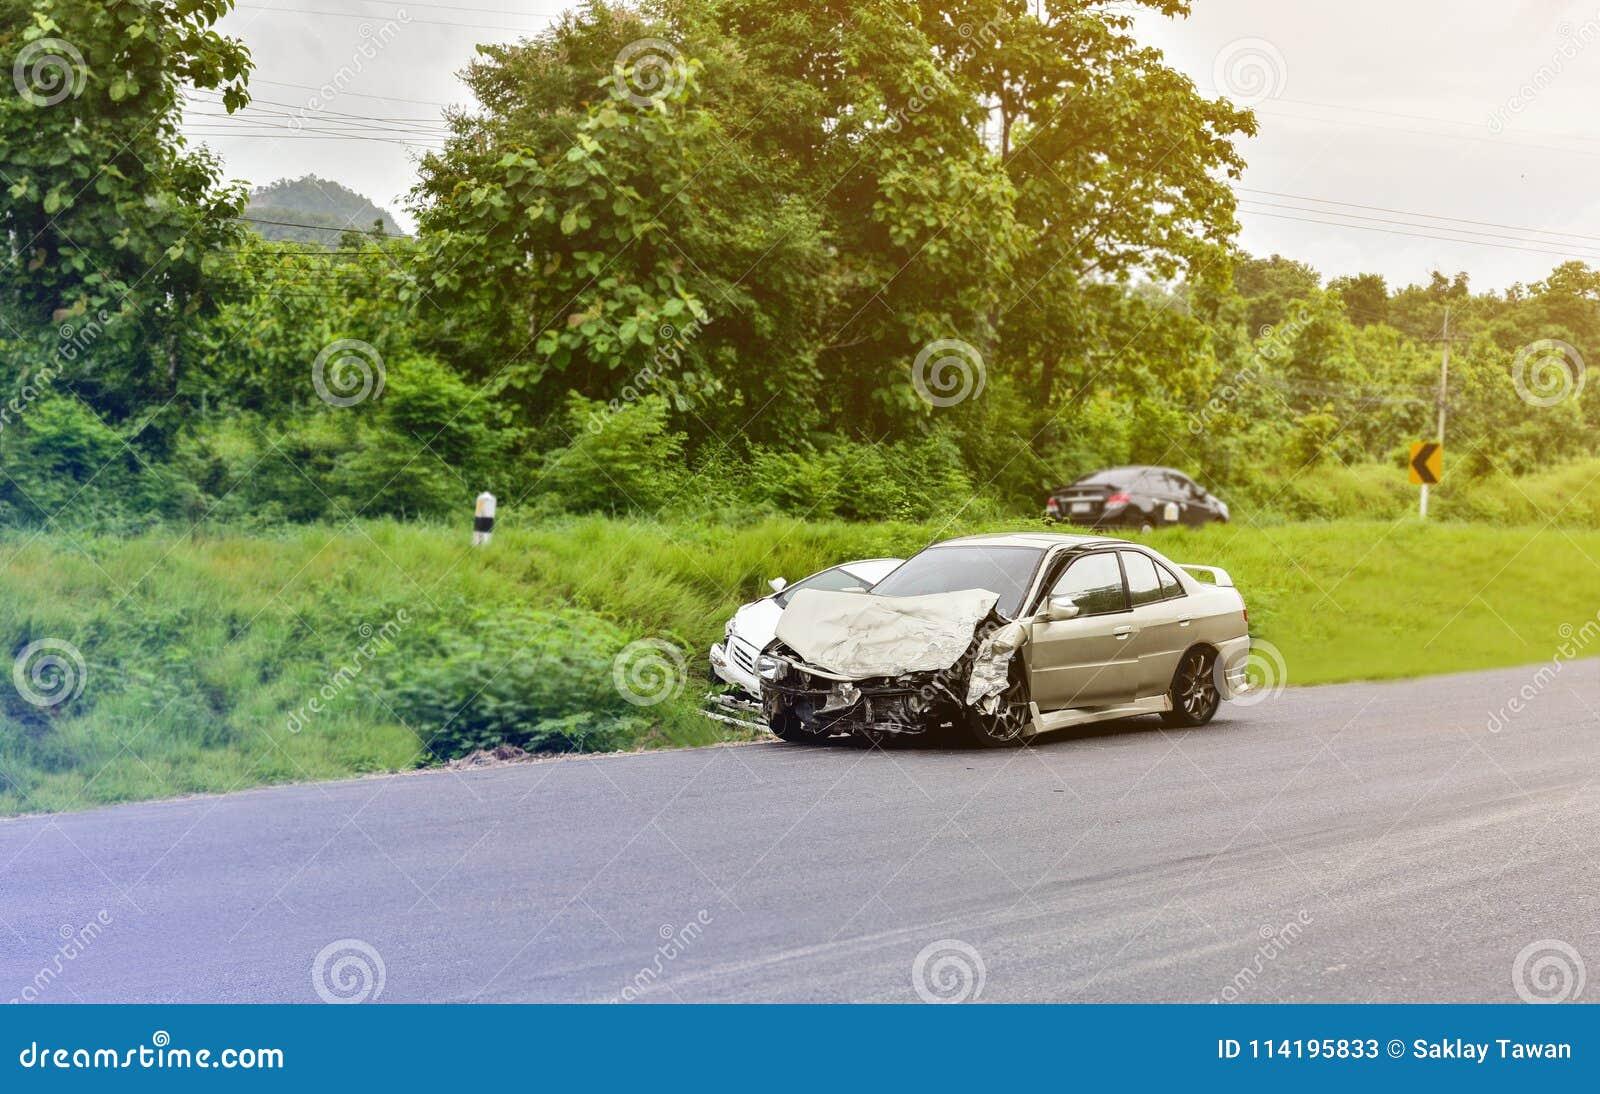 Wypadek samochodowy na drodze